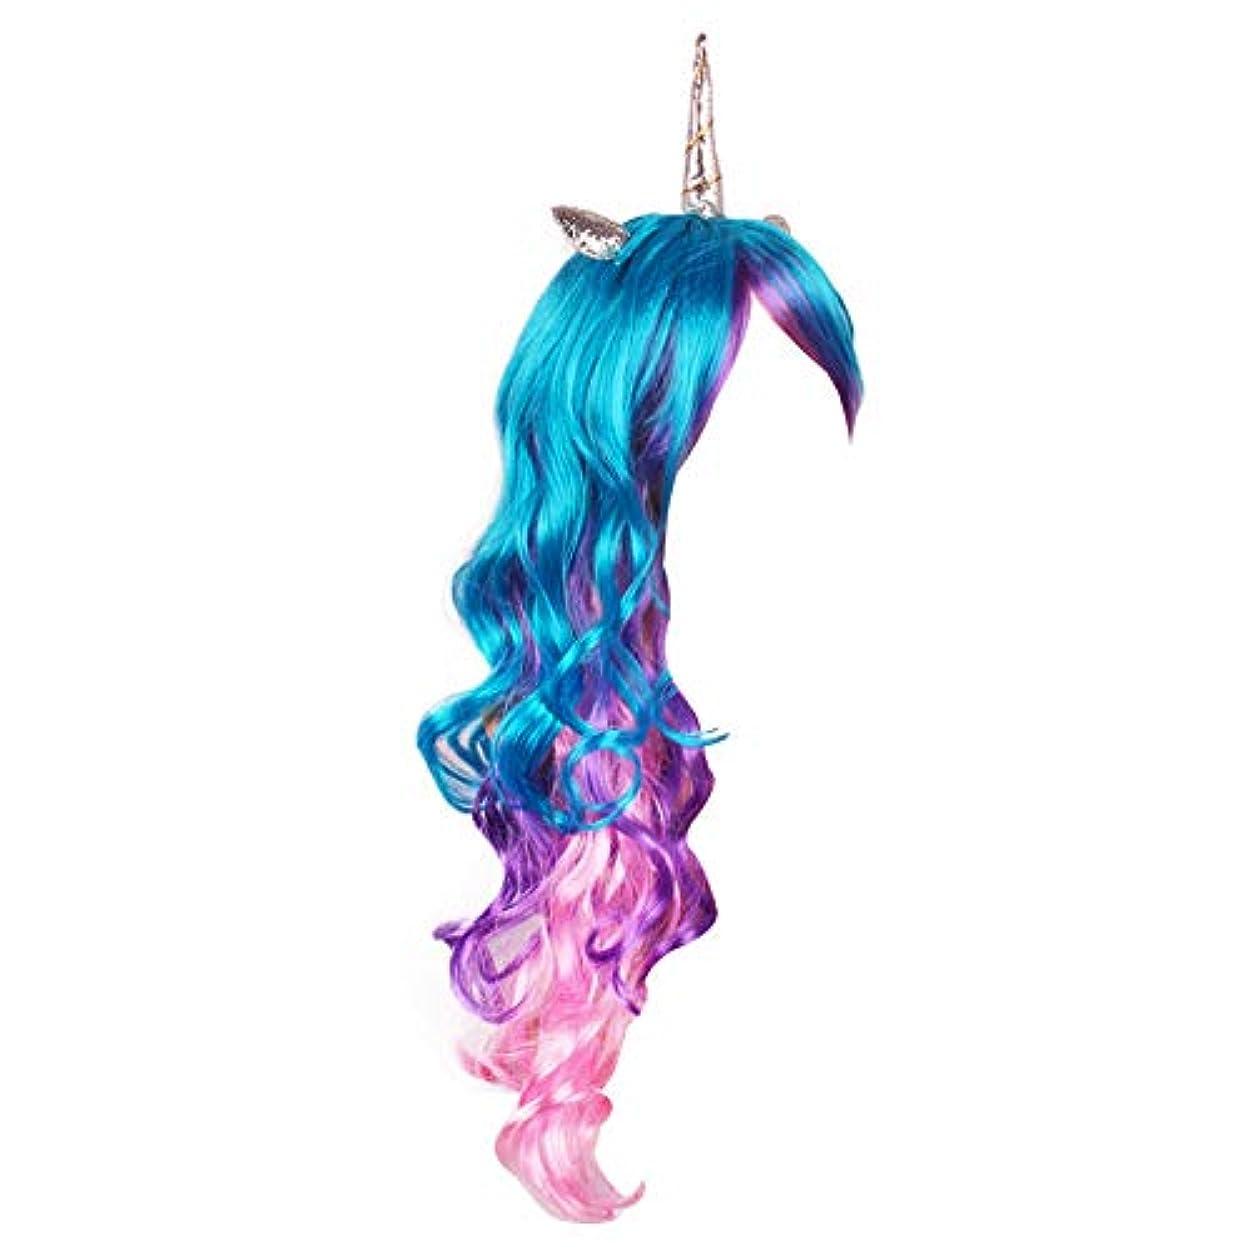 手首エンジニアリングスキップカラフルなパーティーかつらの女の子の美しい長い波状のかつらコスプレの長い巻き毛のかつらフルヘッド(シルバーユニコーン)